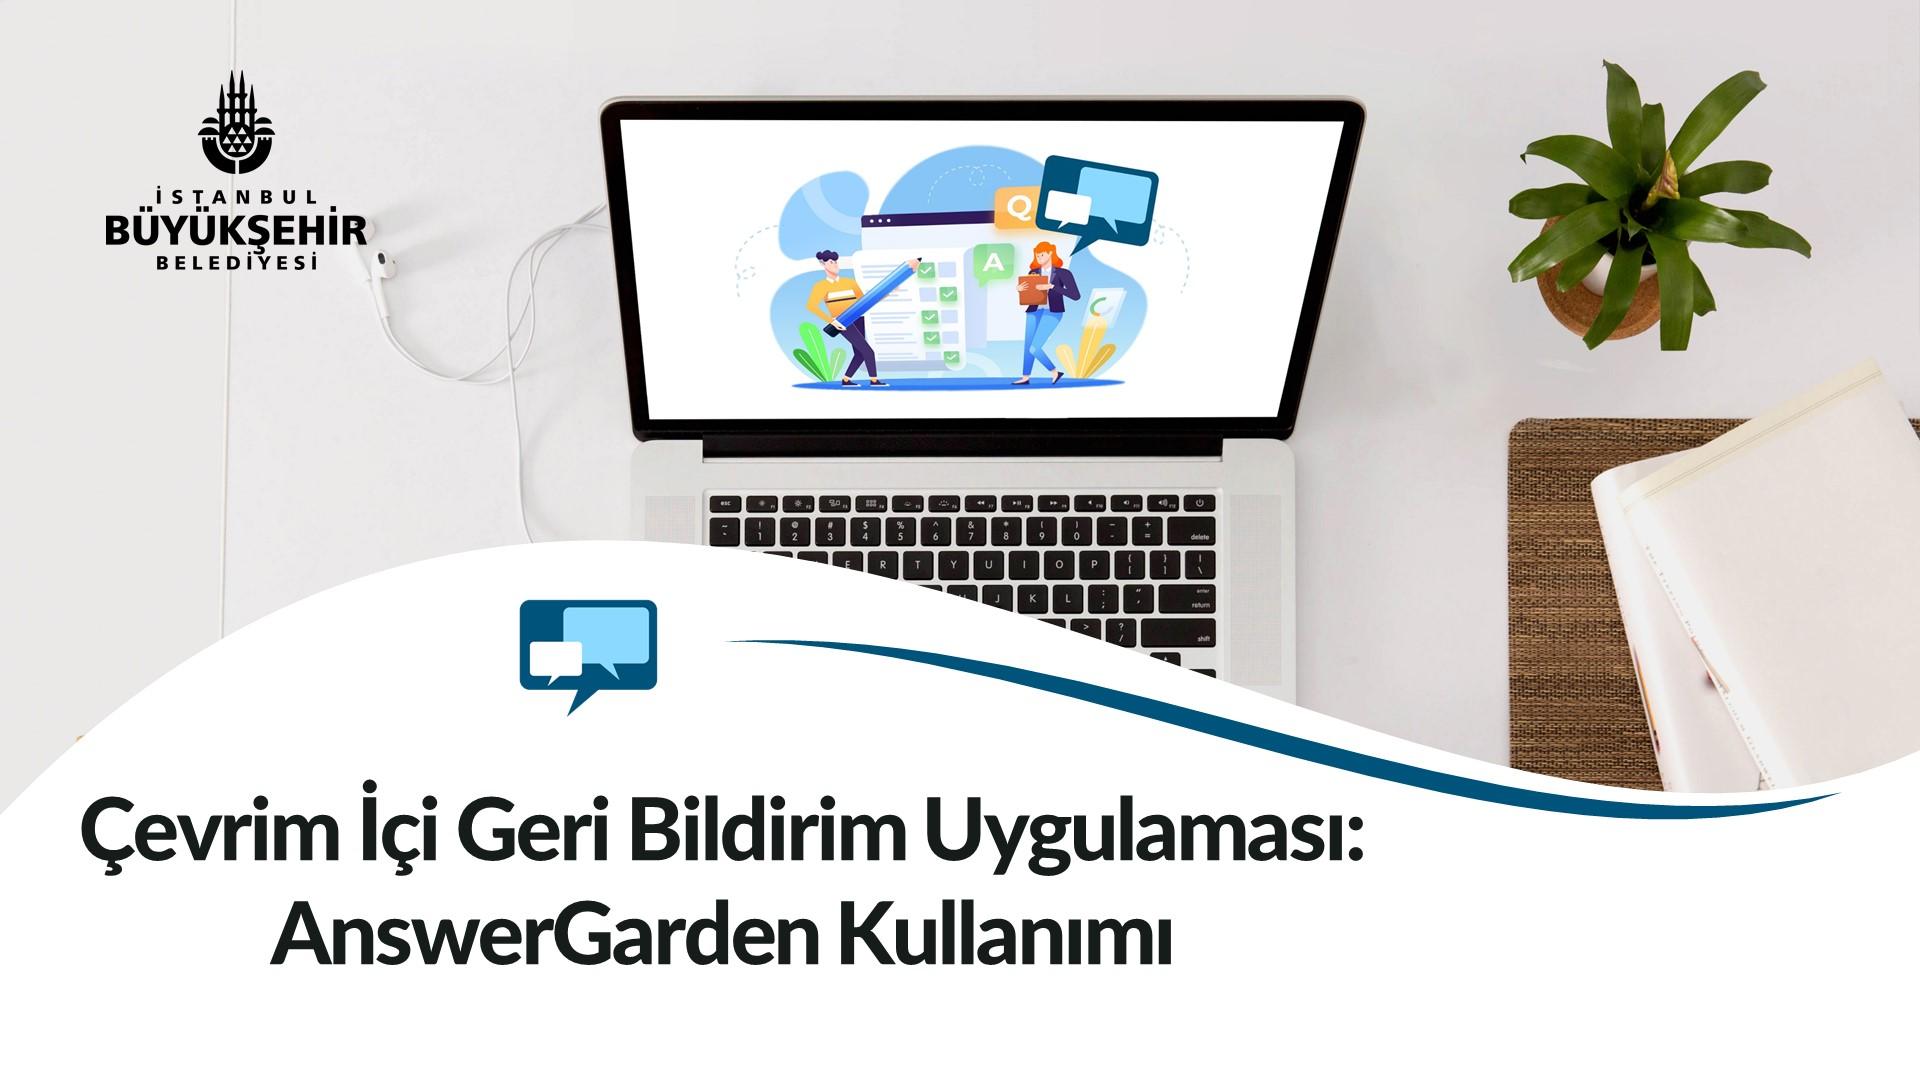 Çevrim İçi Geri Bildirim Uygulaması: AnswerGarden Kullanımı Kayıtları Başladı